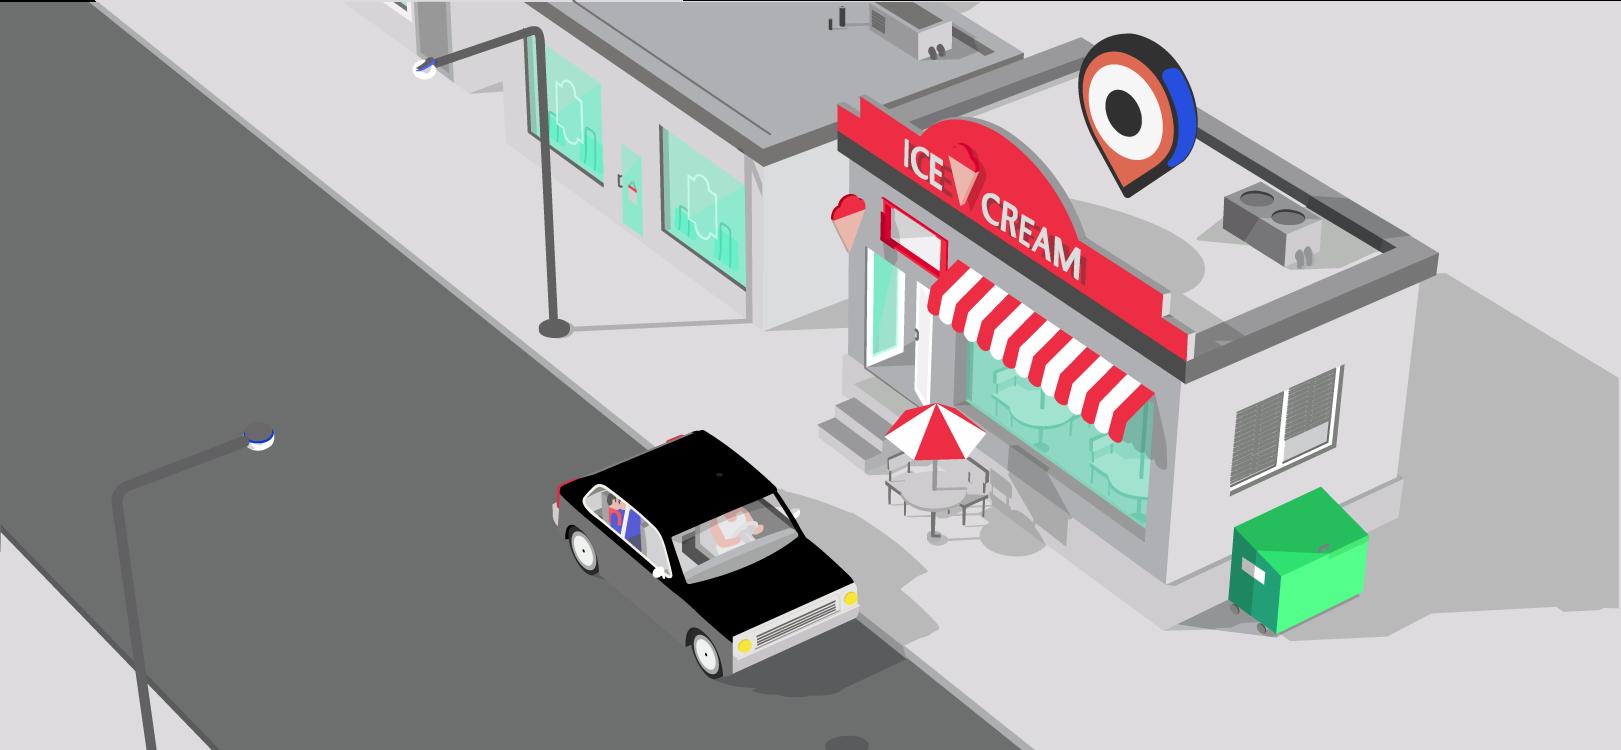 Auto fährt an einer Eisdiele vorbei